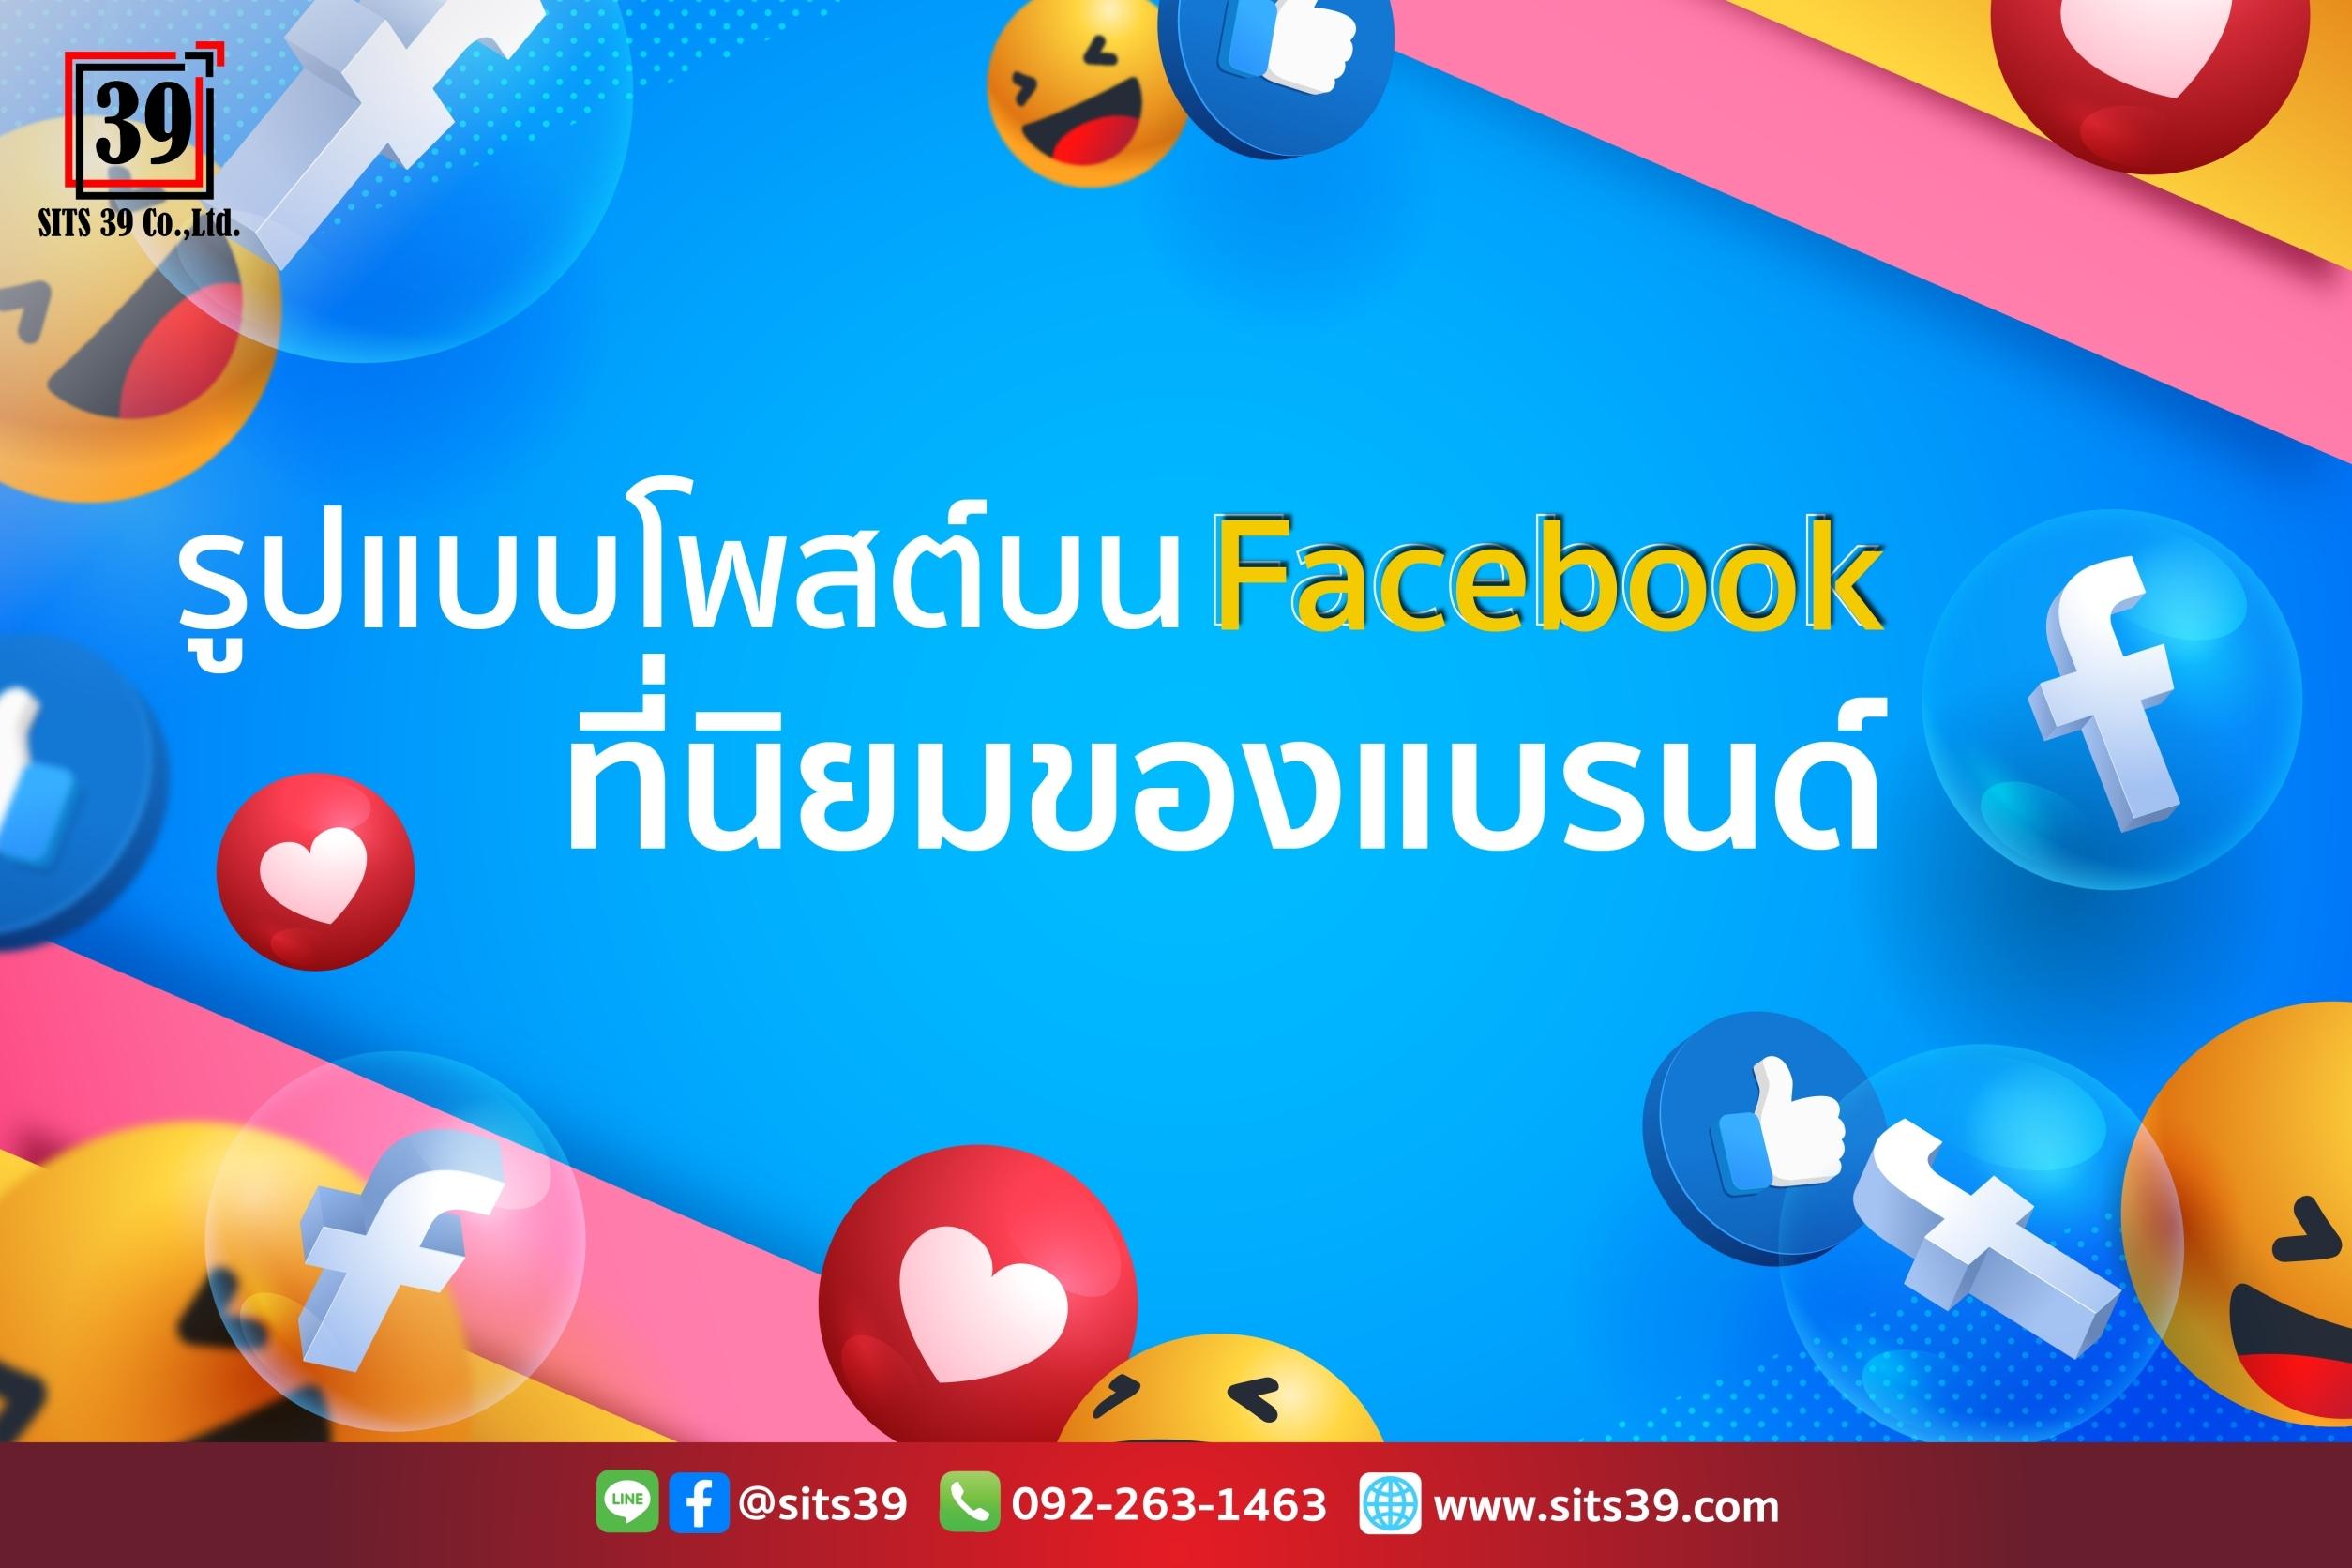 รูปแบบโพสต์บน Facebook ที่นิยมของแบรนด์